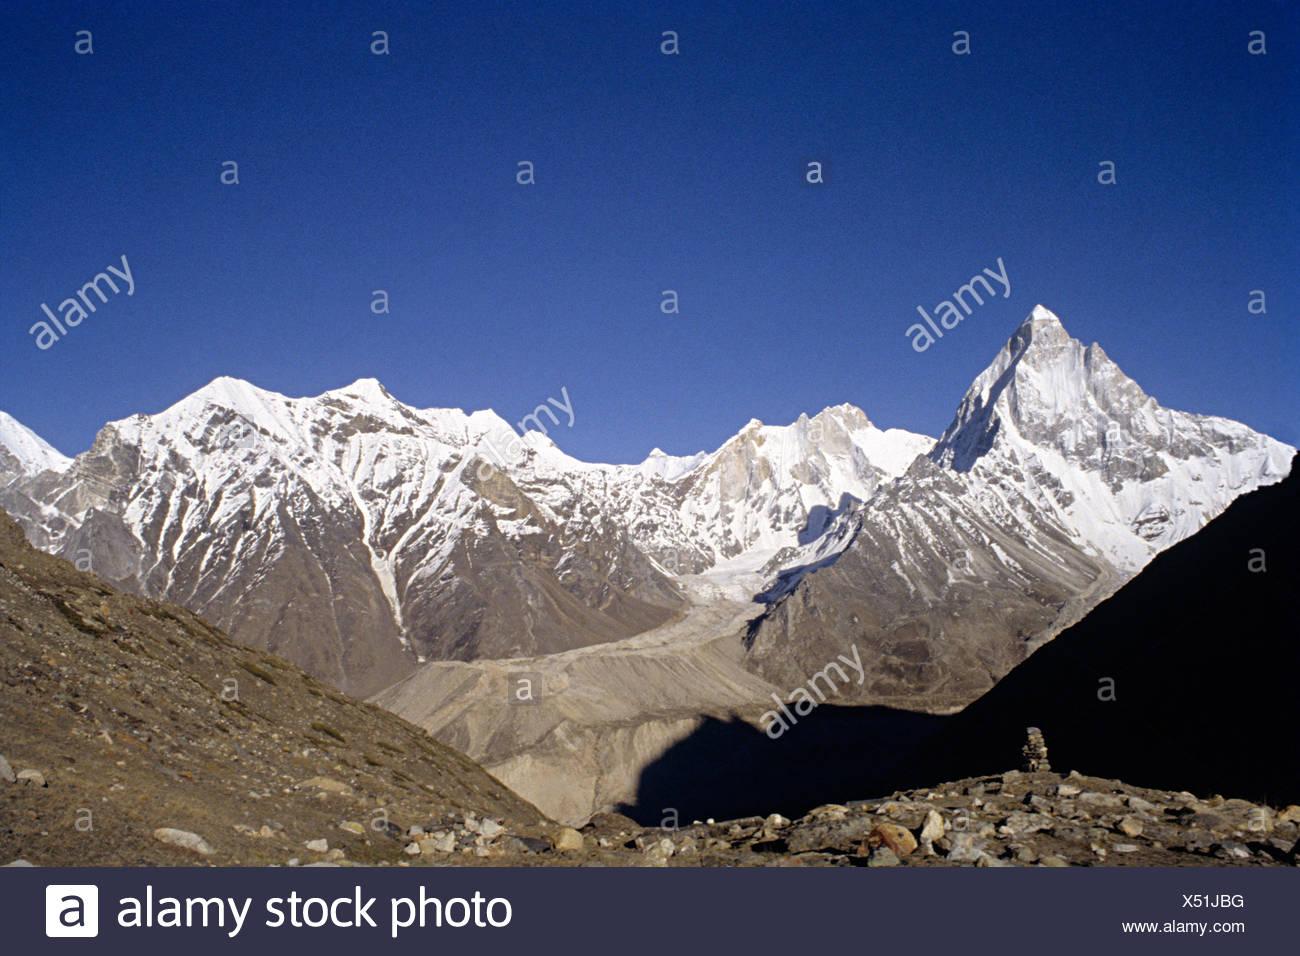 Shivling peak, mountain at tapovan, Gangotri Group, western